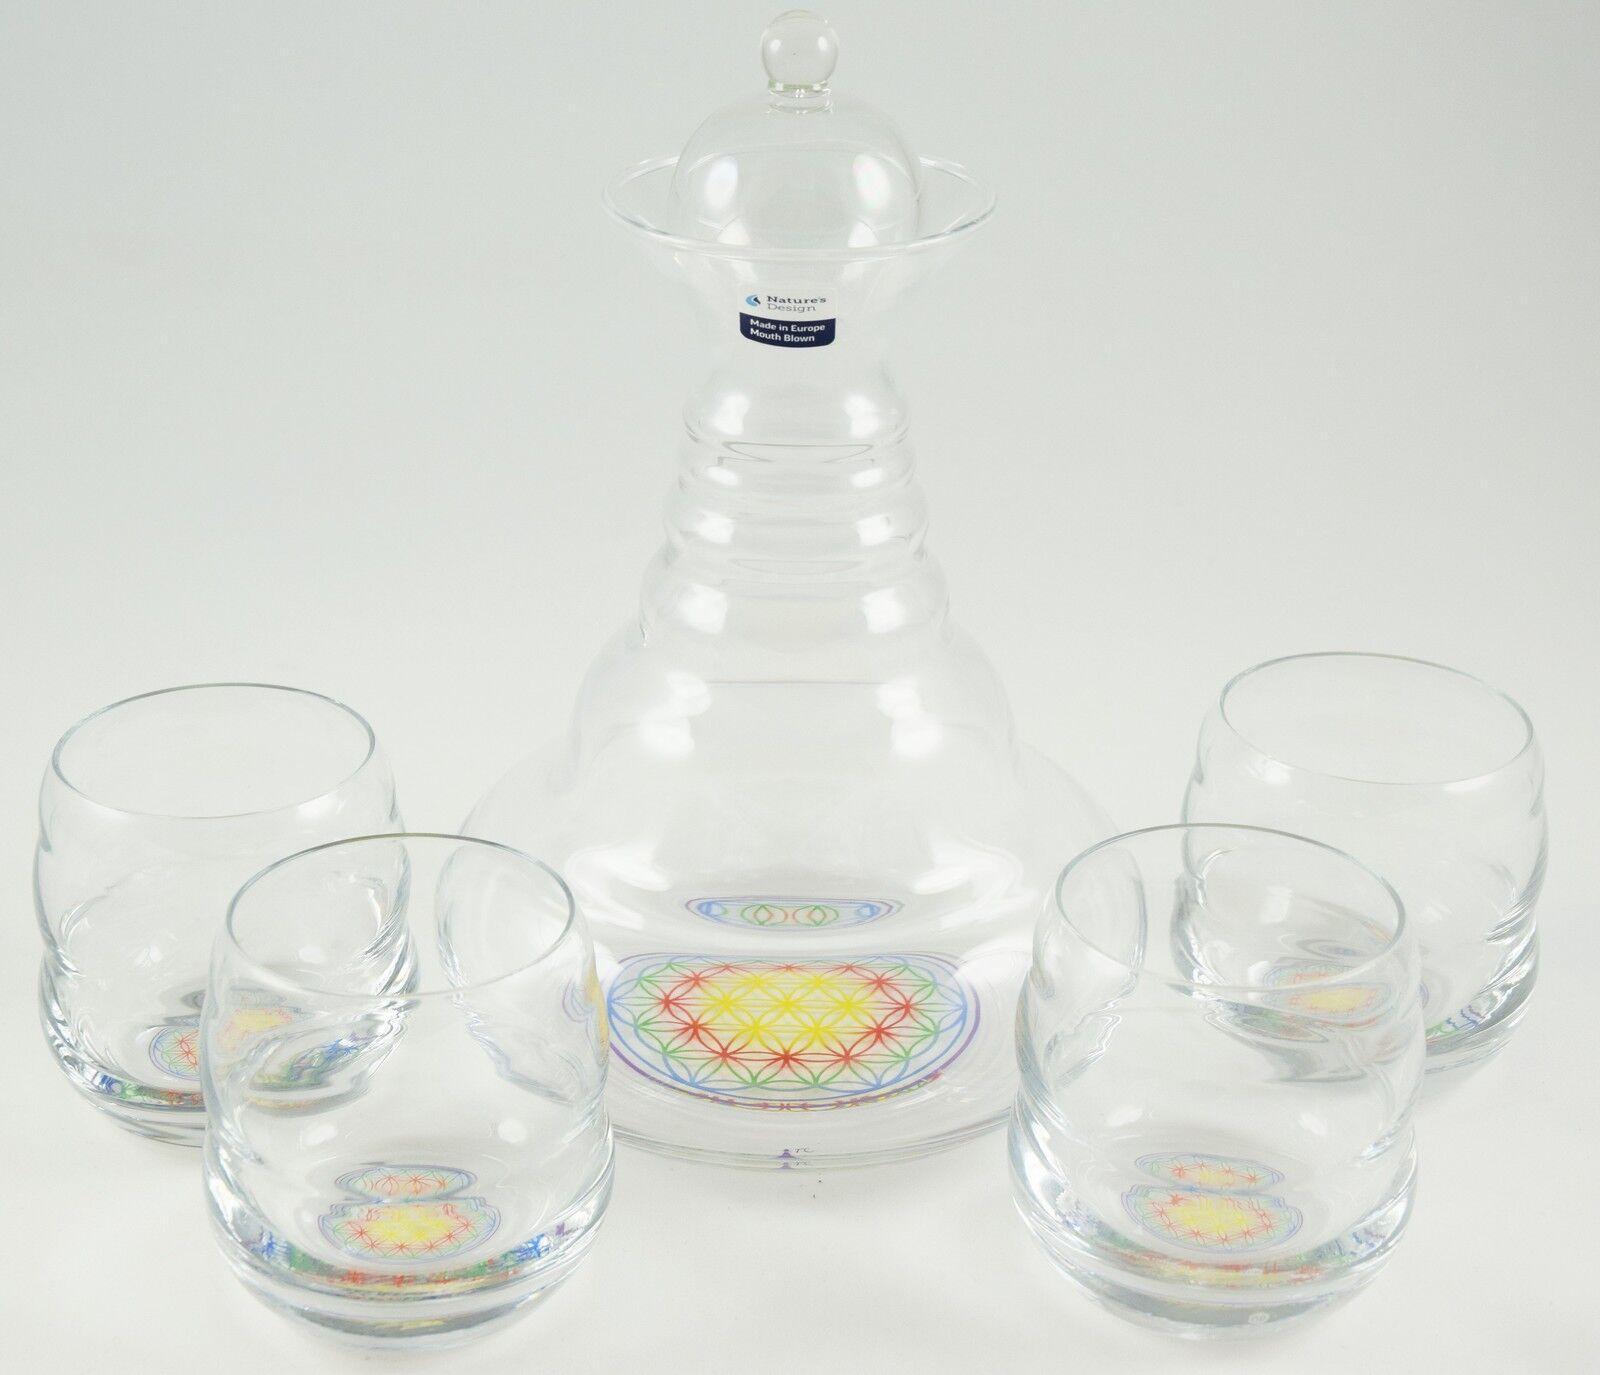 4XGläser, Karaffe Alladin, Vitalkaraffe, Wasserkaraffe, Blaume des Lebens,happy